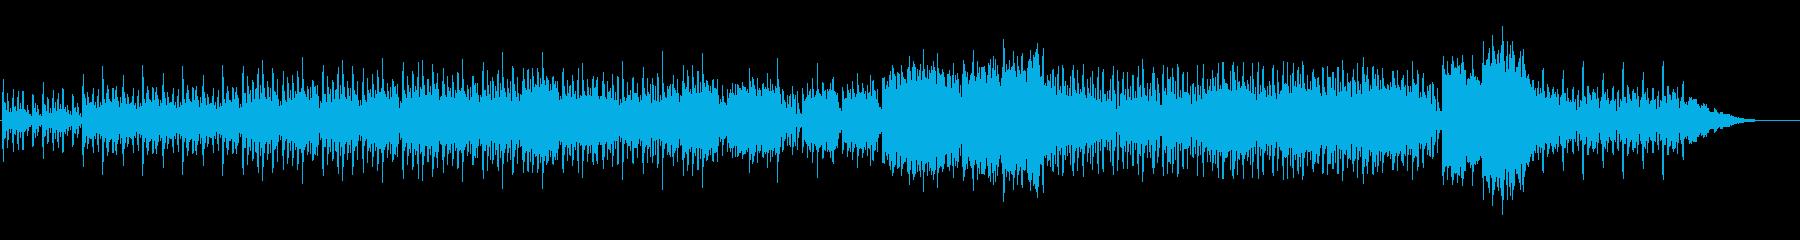 エスニックな印象のBGMです。の再生済みの波形